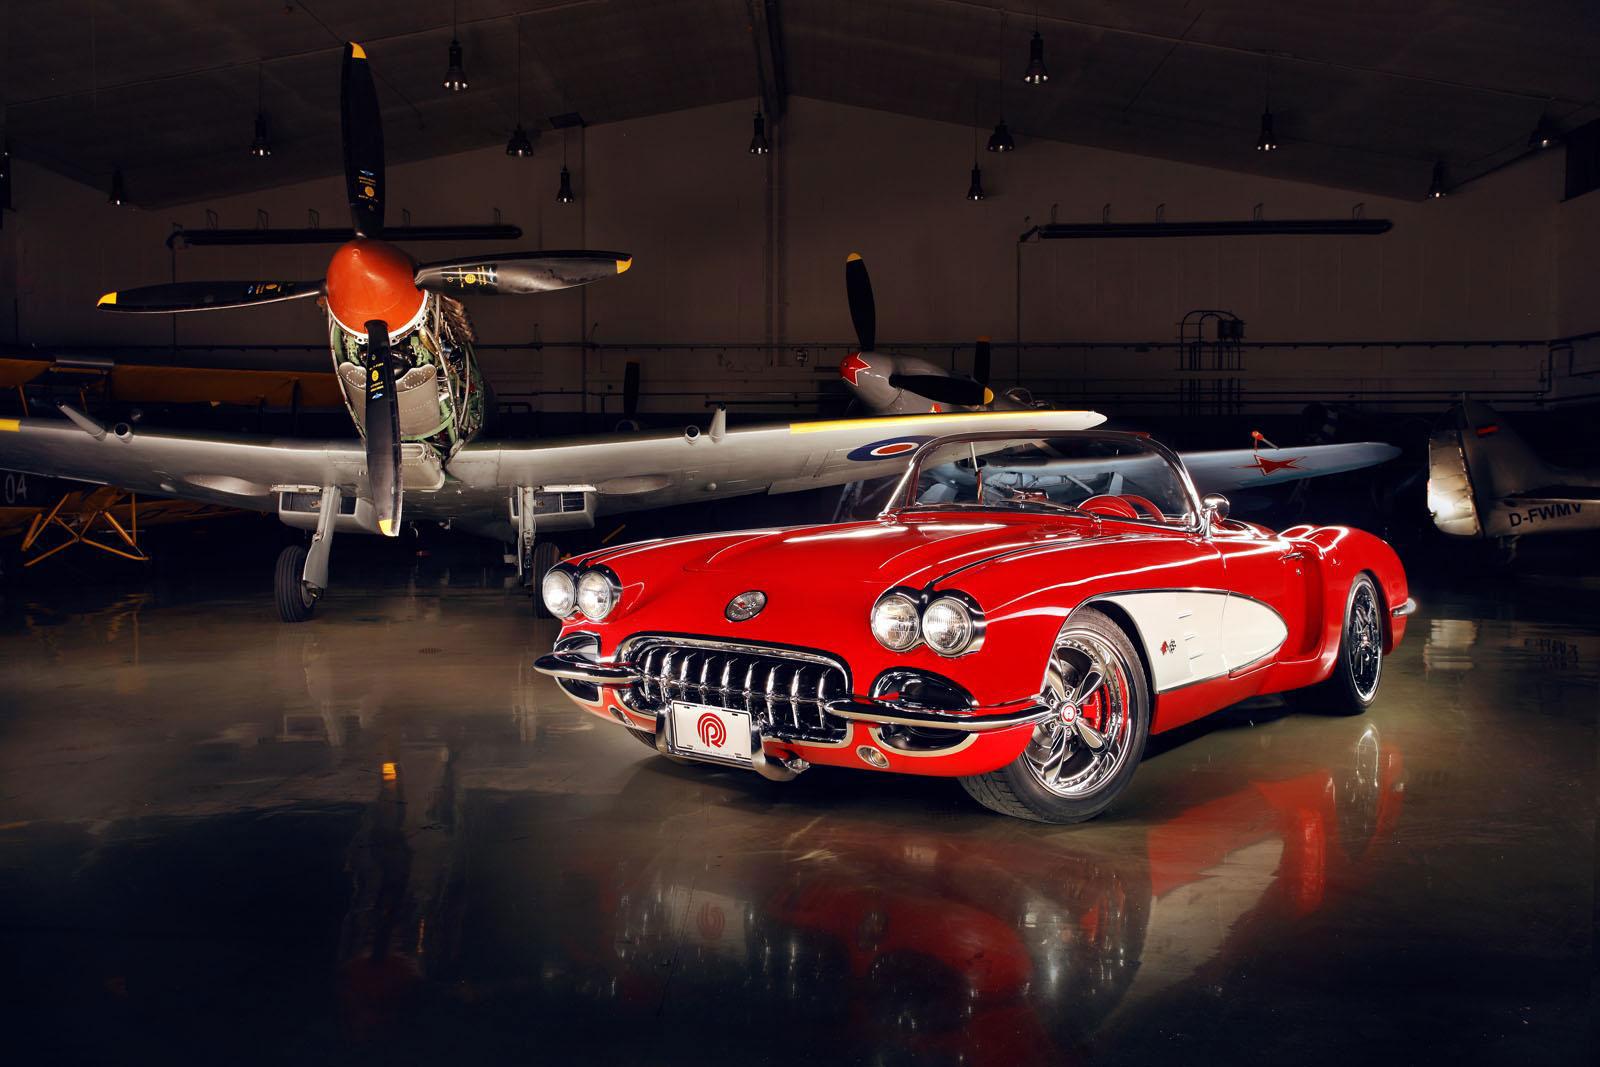 Chevrolet Corvette prošel dokonalou modernizací 4